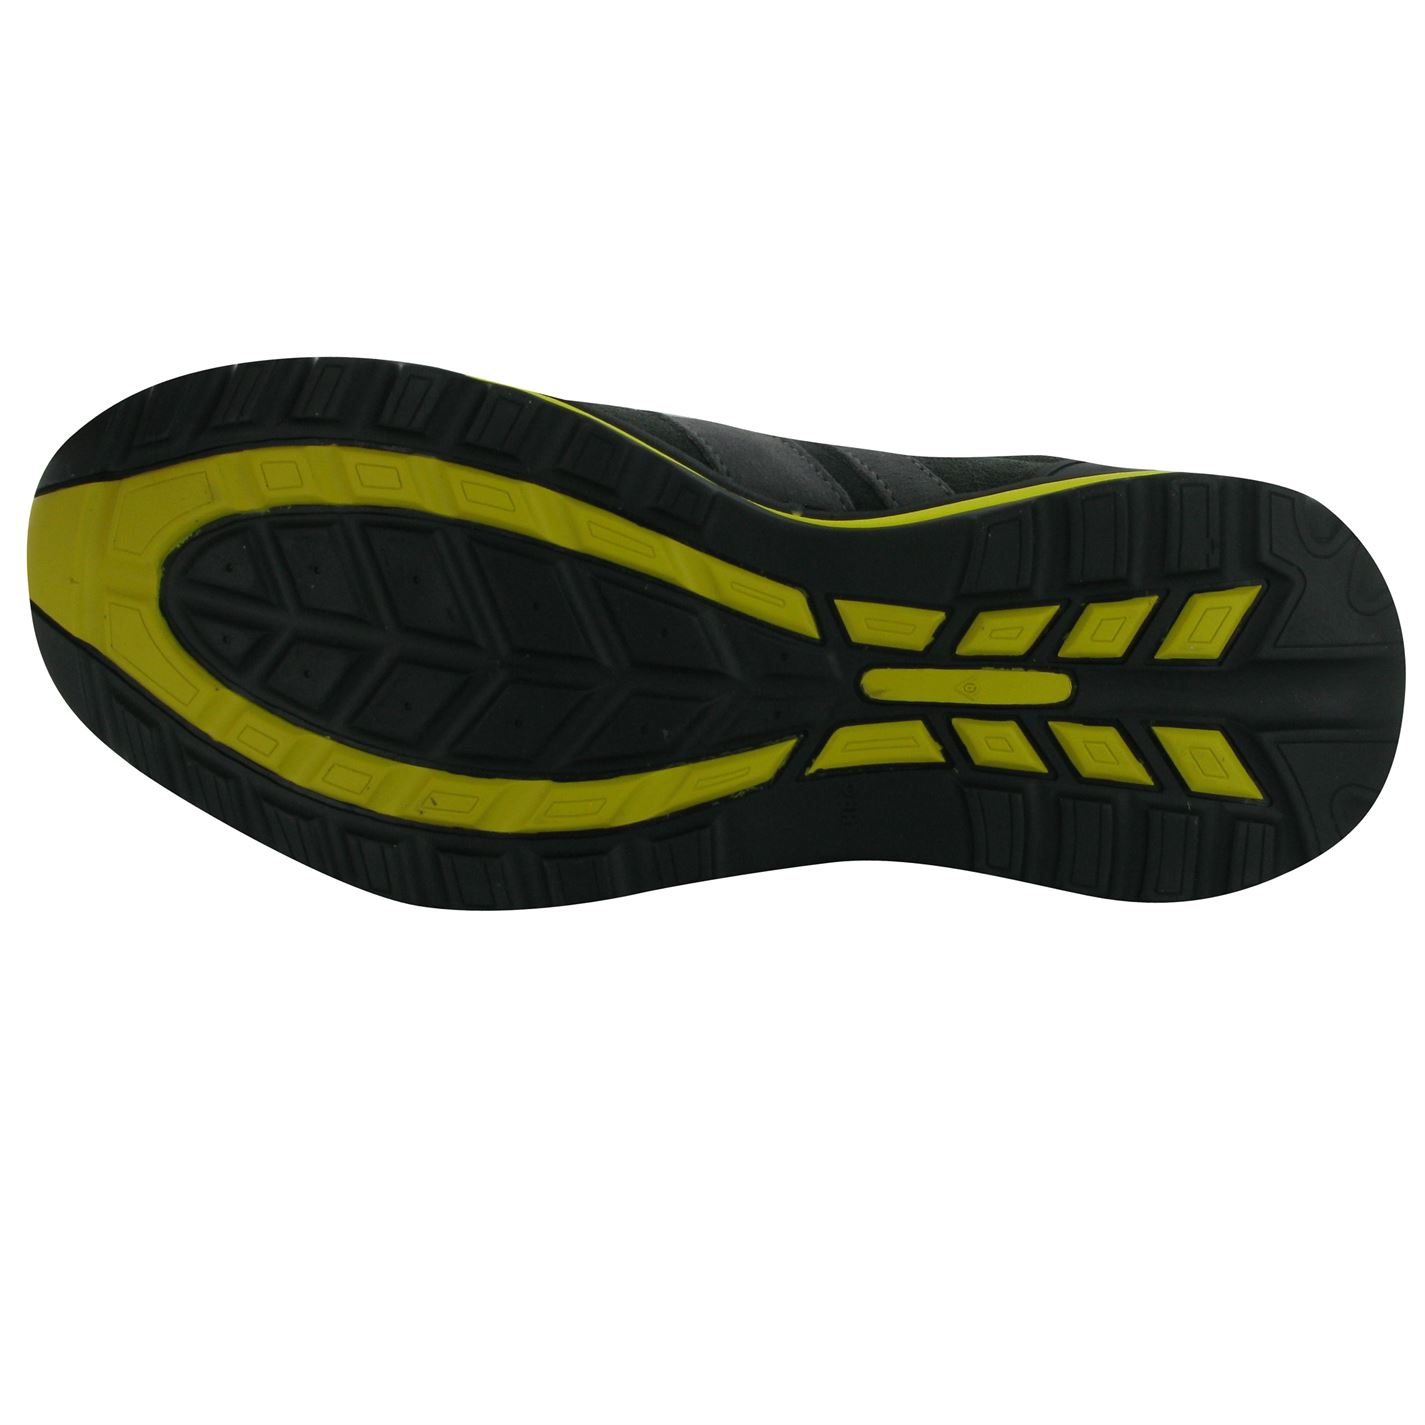 Dunlop Mens Gents Indiana Bottes De Sécurité Chaussures